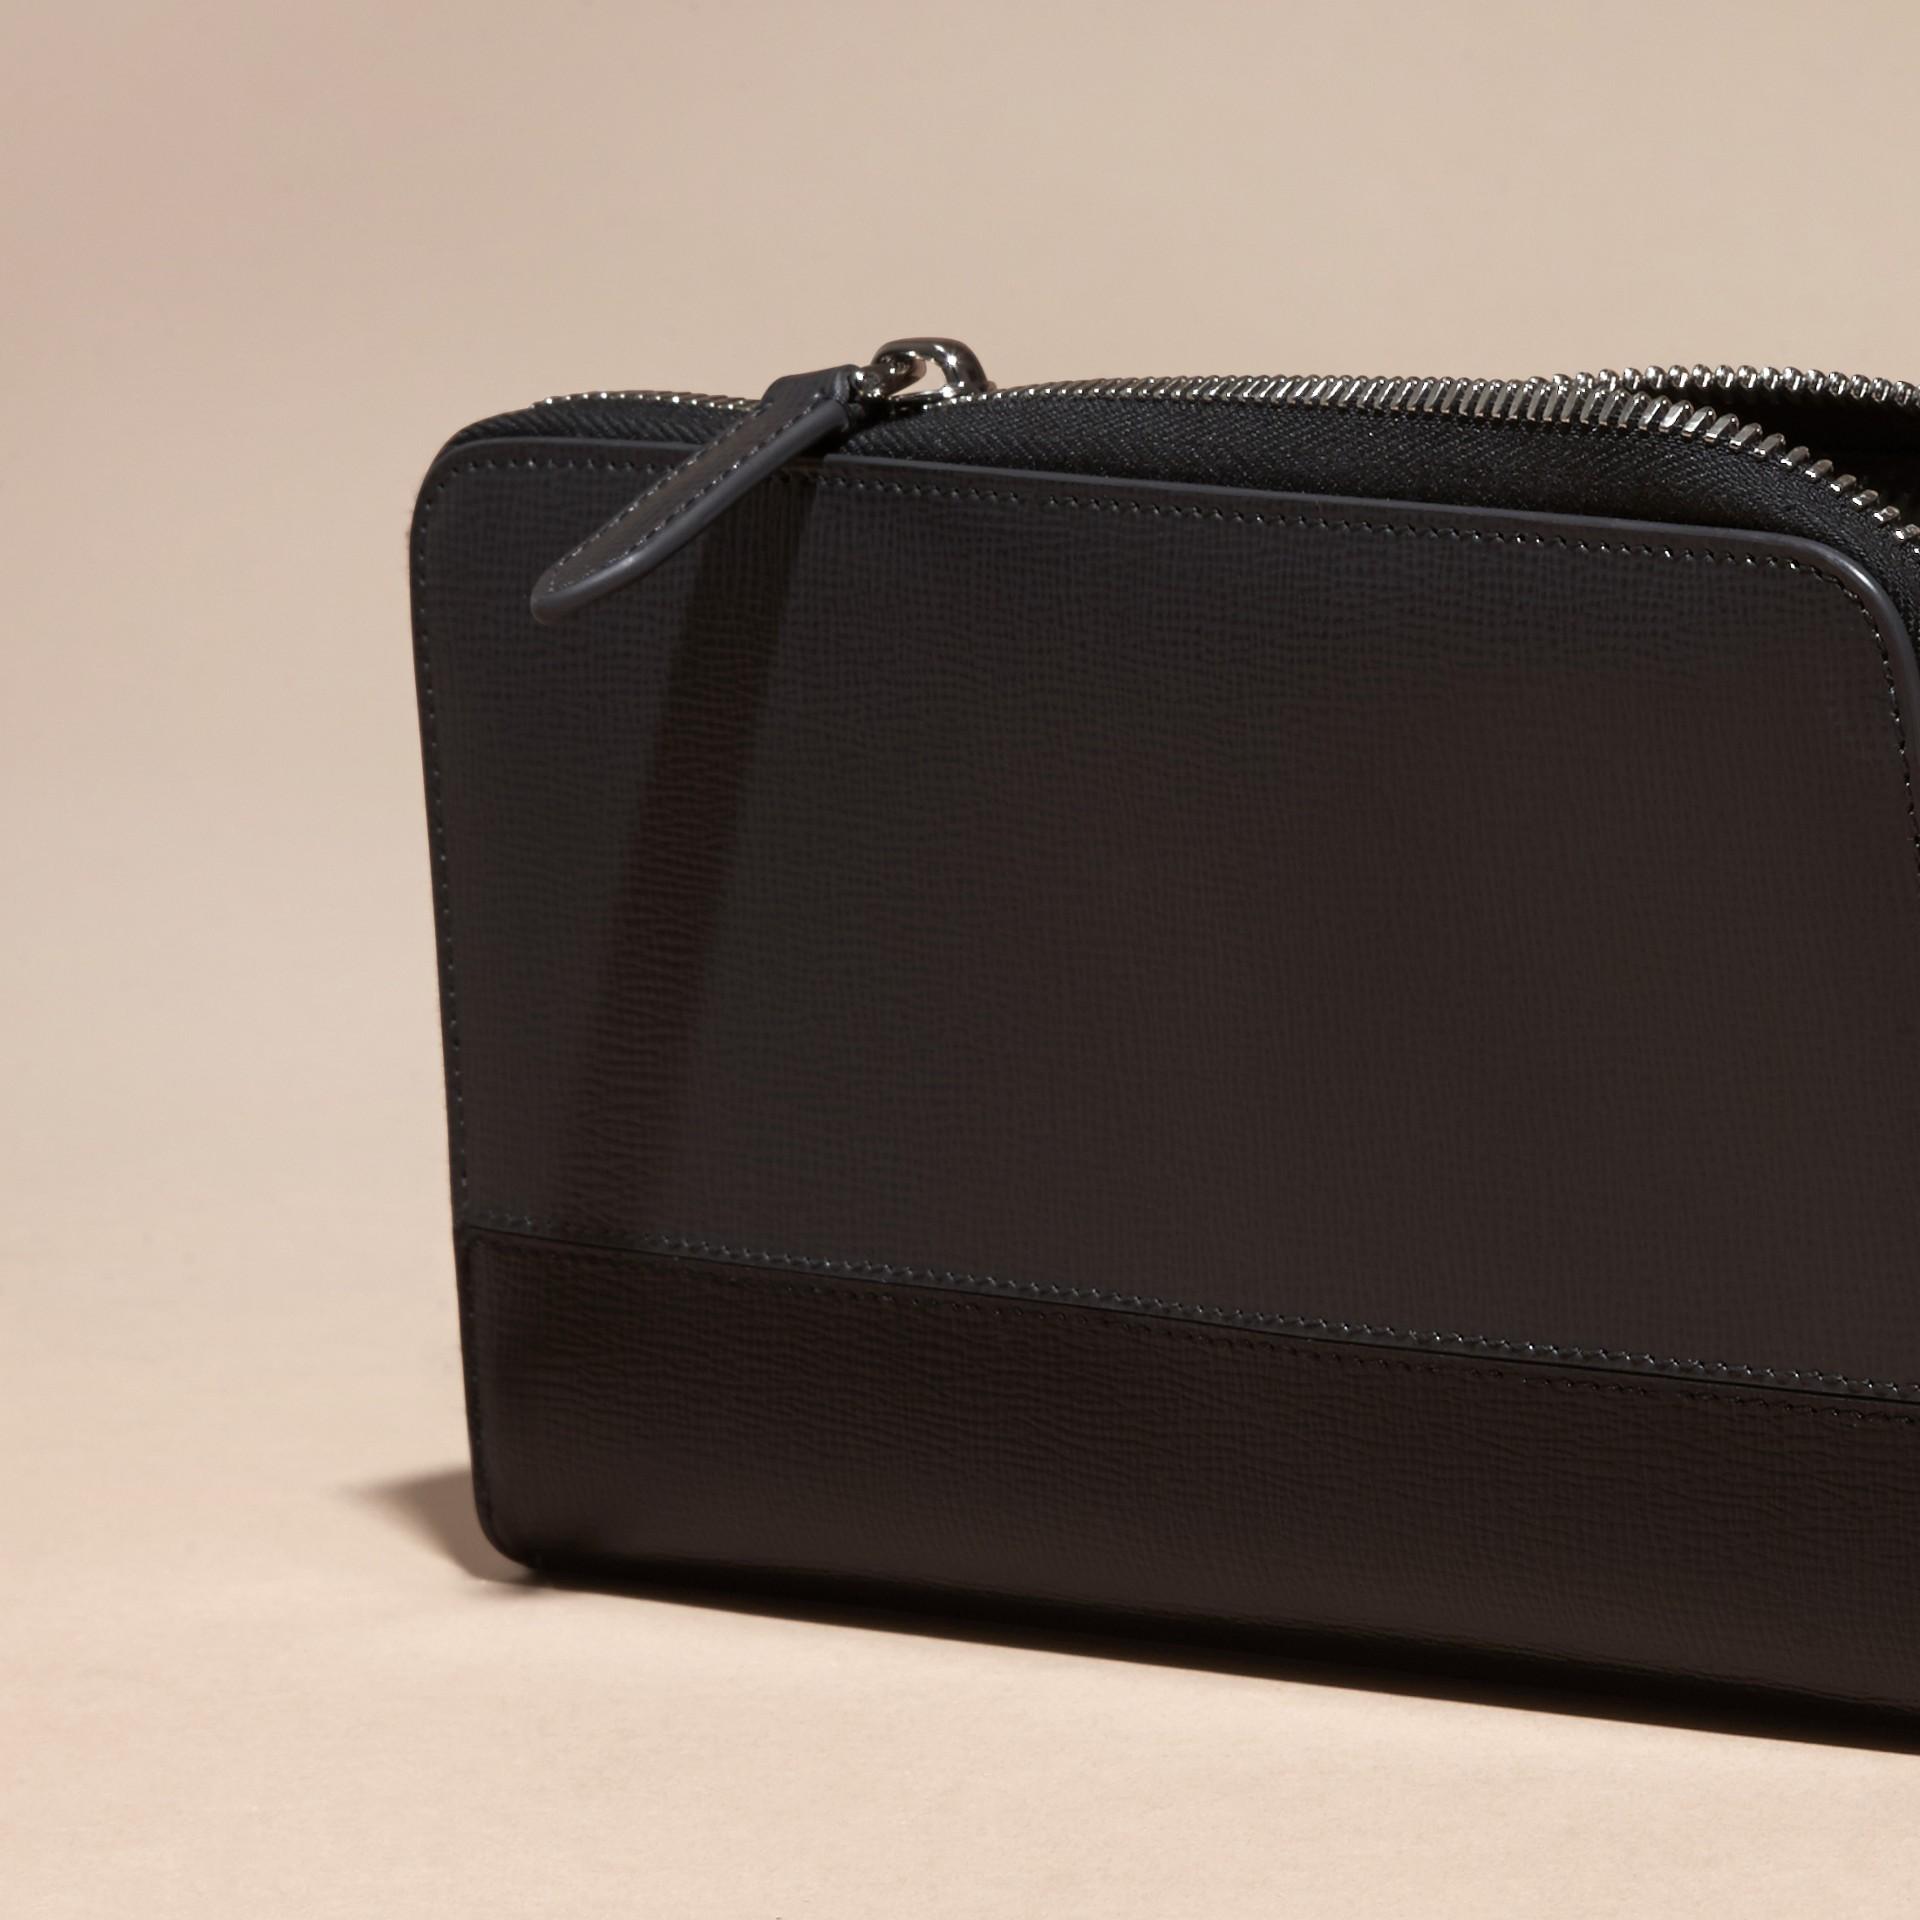 Anthracite/noir Portefeuille color-block à contour zippé en cuir London Anthracite/noir - photo de la galerie 2